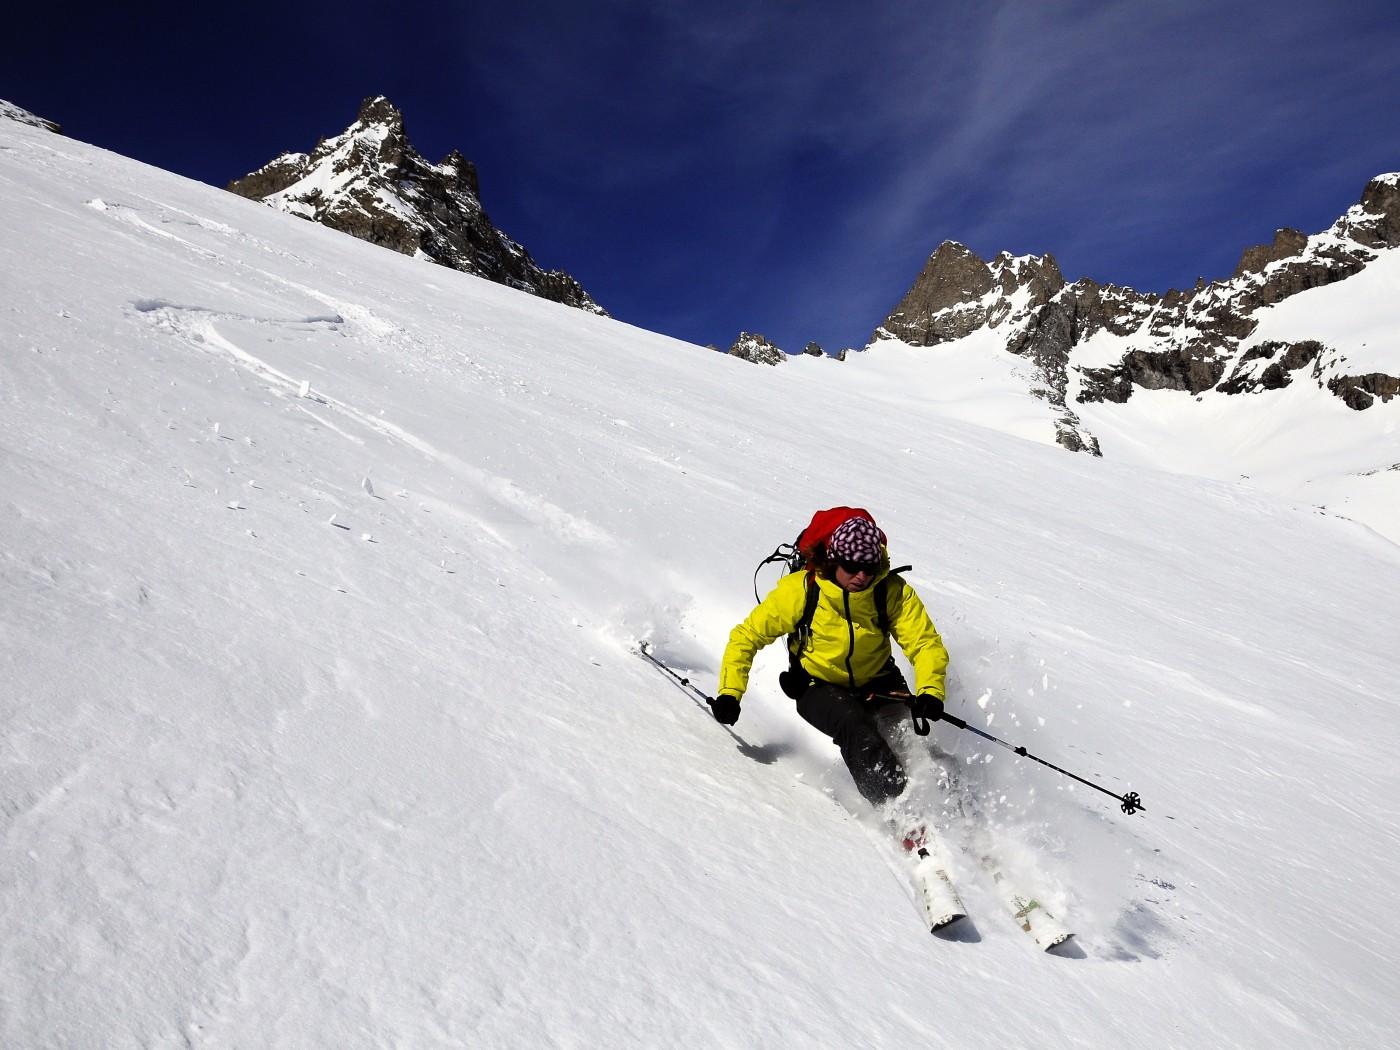 Ski de randonnée dans le Massif des Ecrins - Oisans.